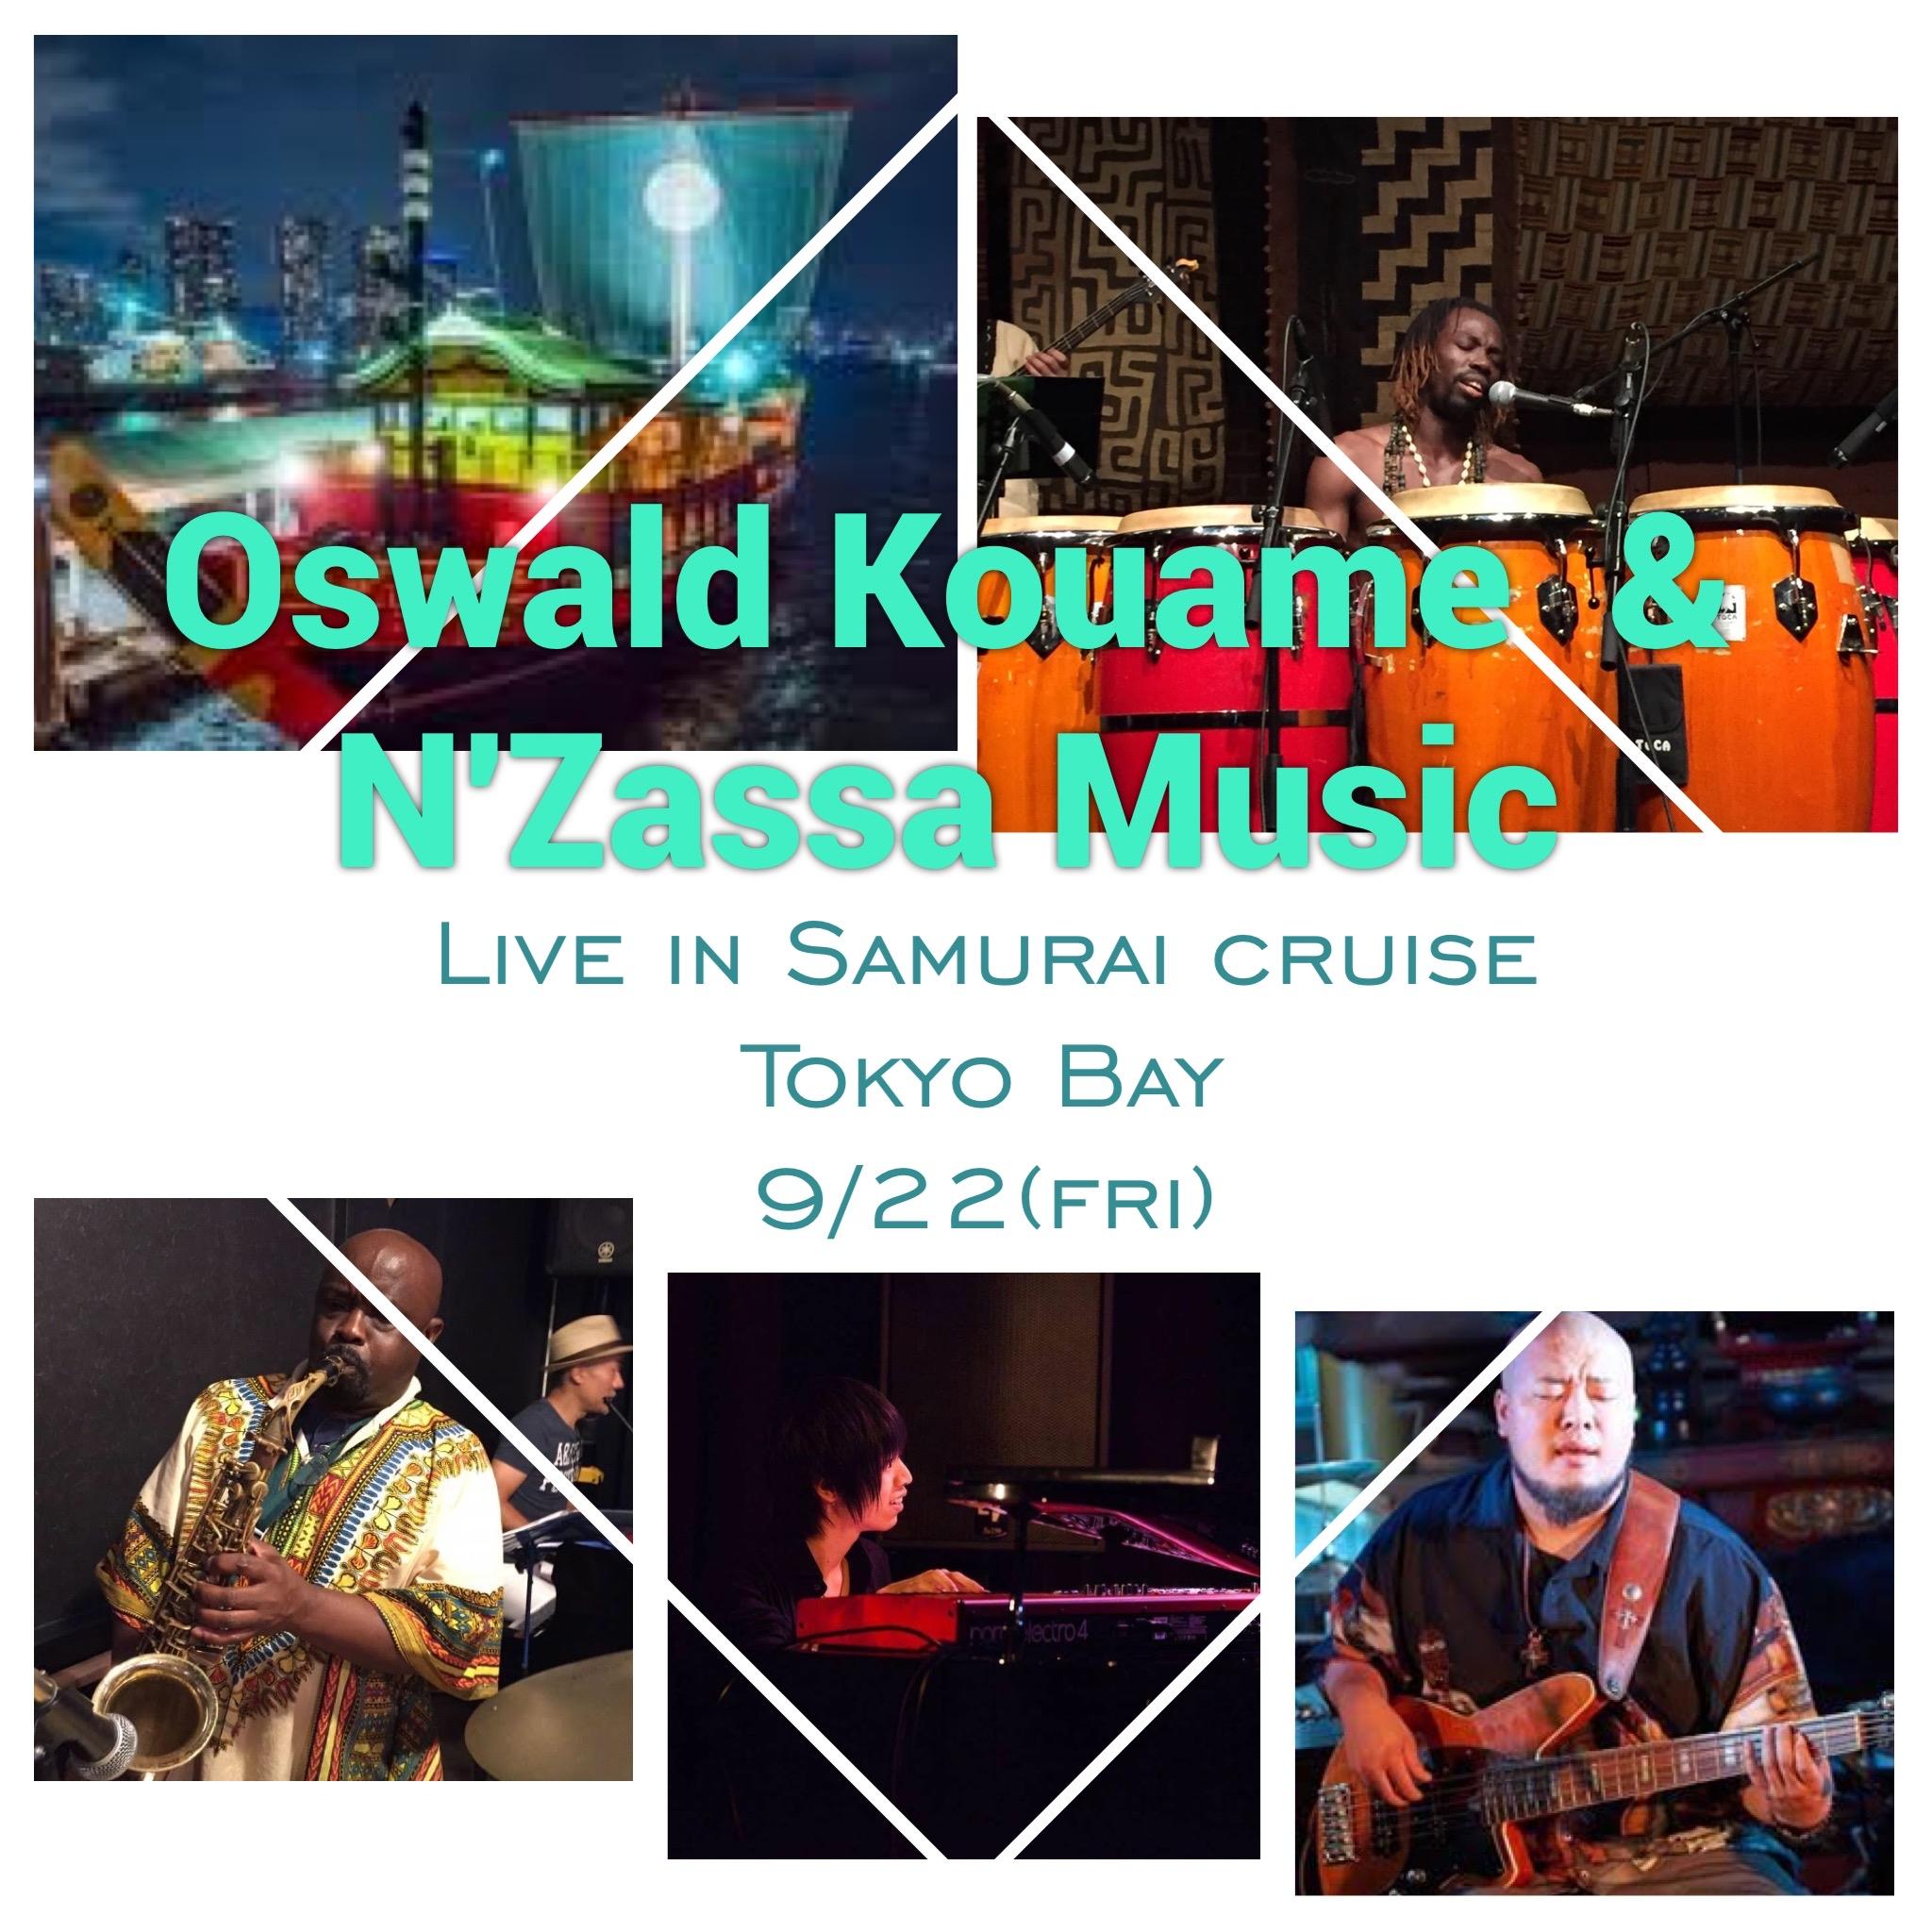 9/22 (金)ン・ザッサ・ミュージック on サムライクルーズ東京湾